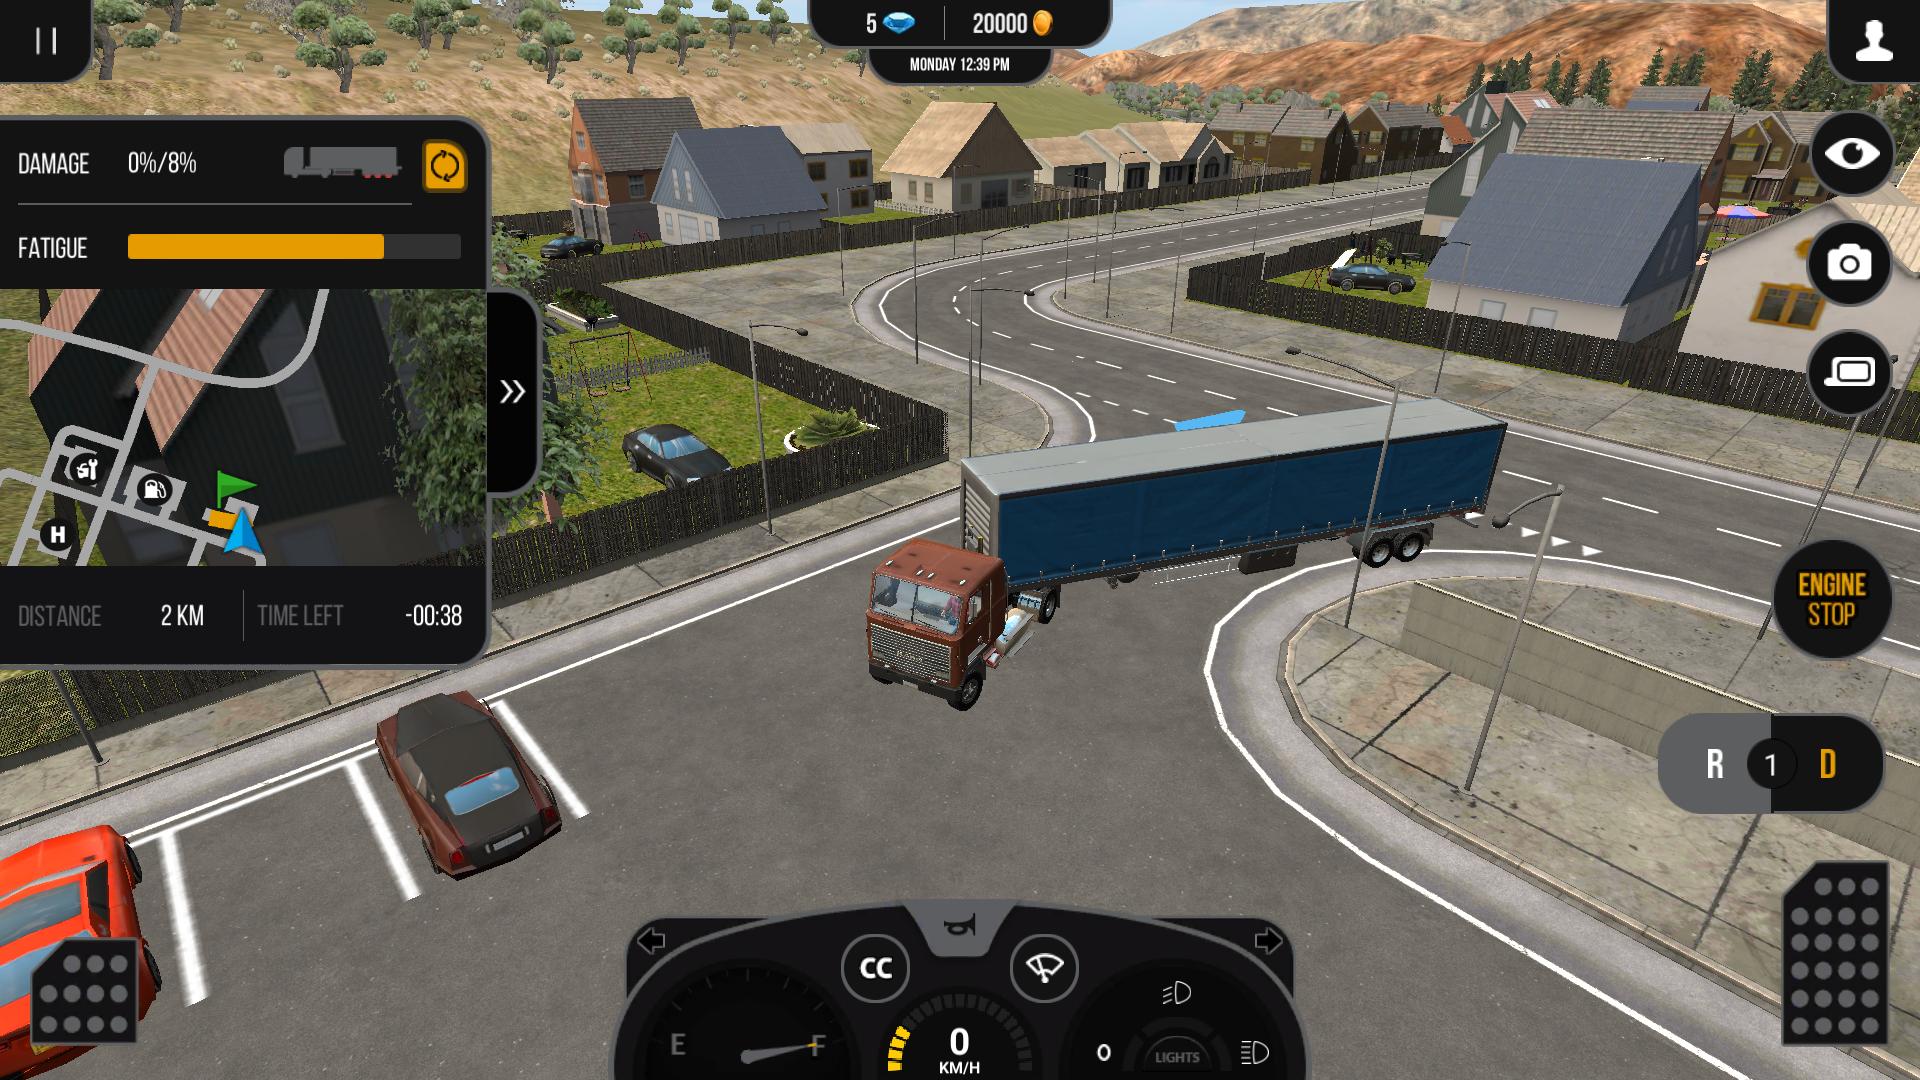 Скачать игру симулятор про дальнобойщиков